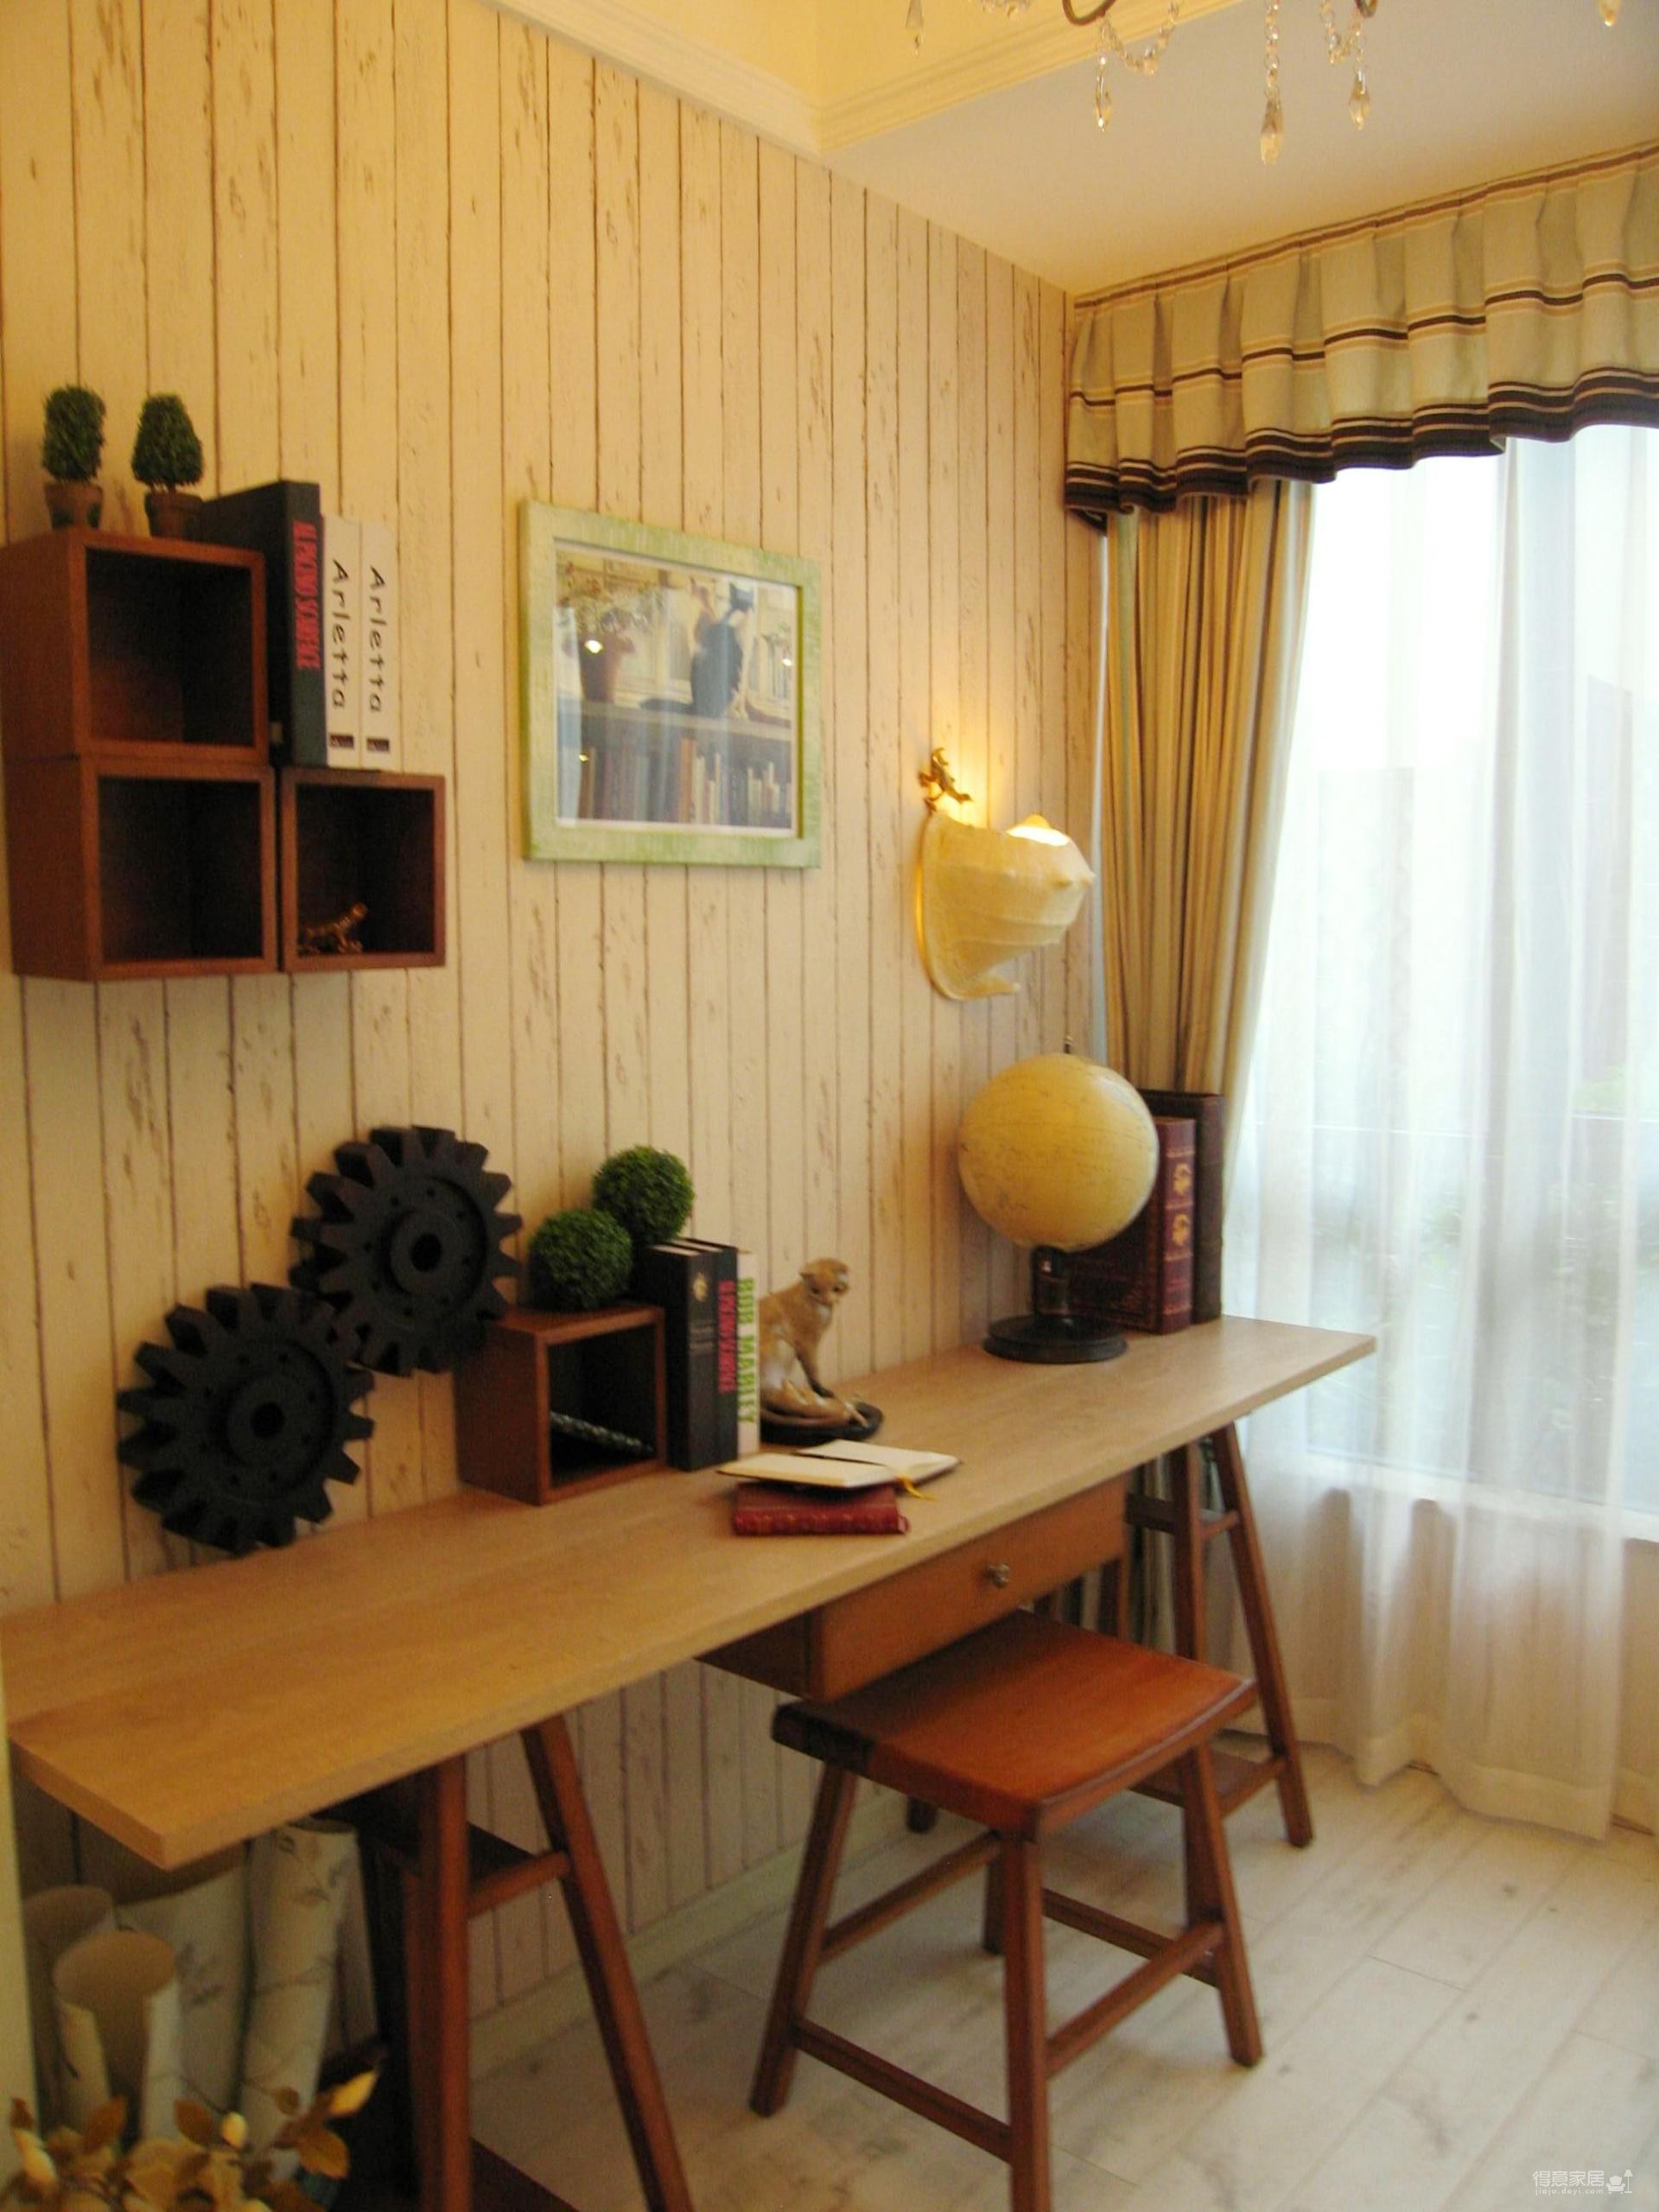 清新田园风,儿童房是家里最美的风景线图_11